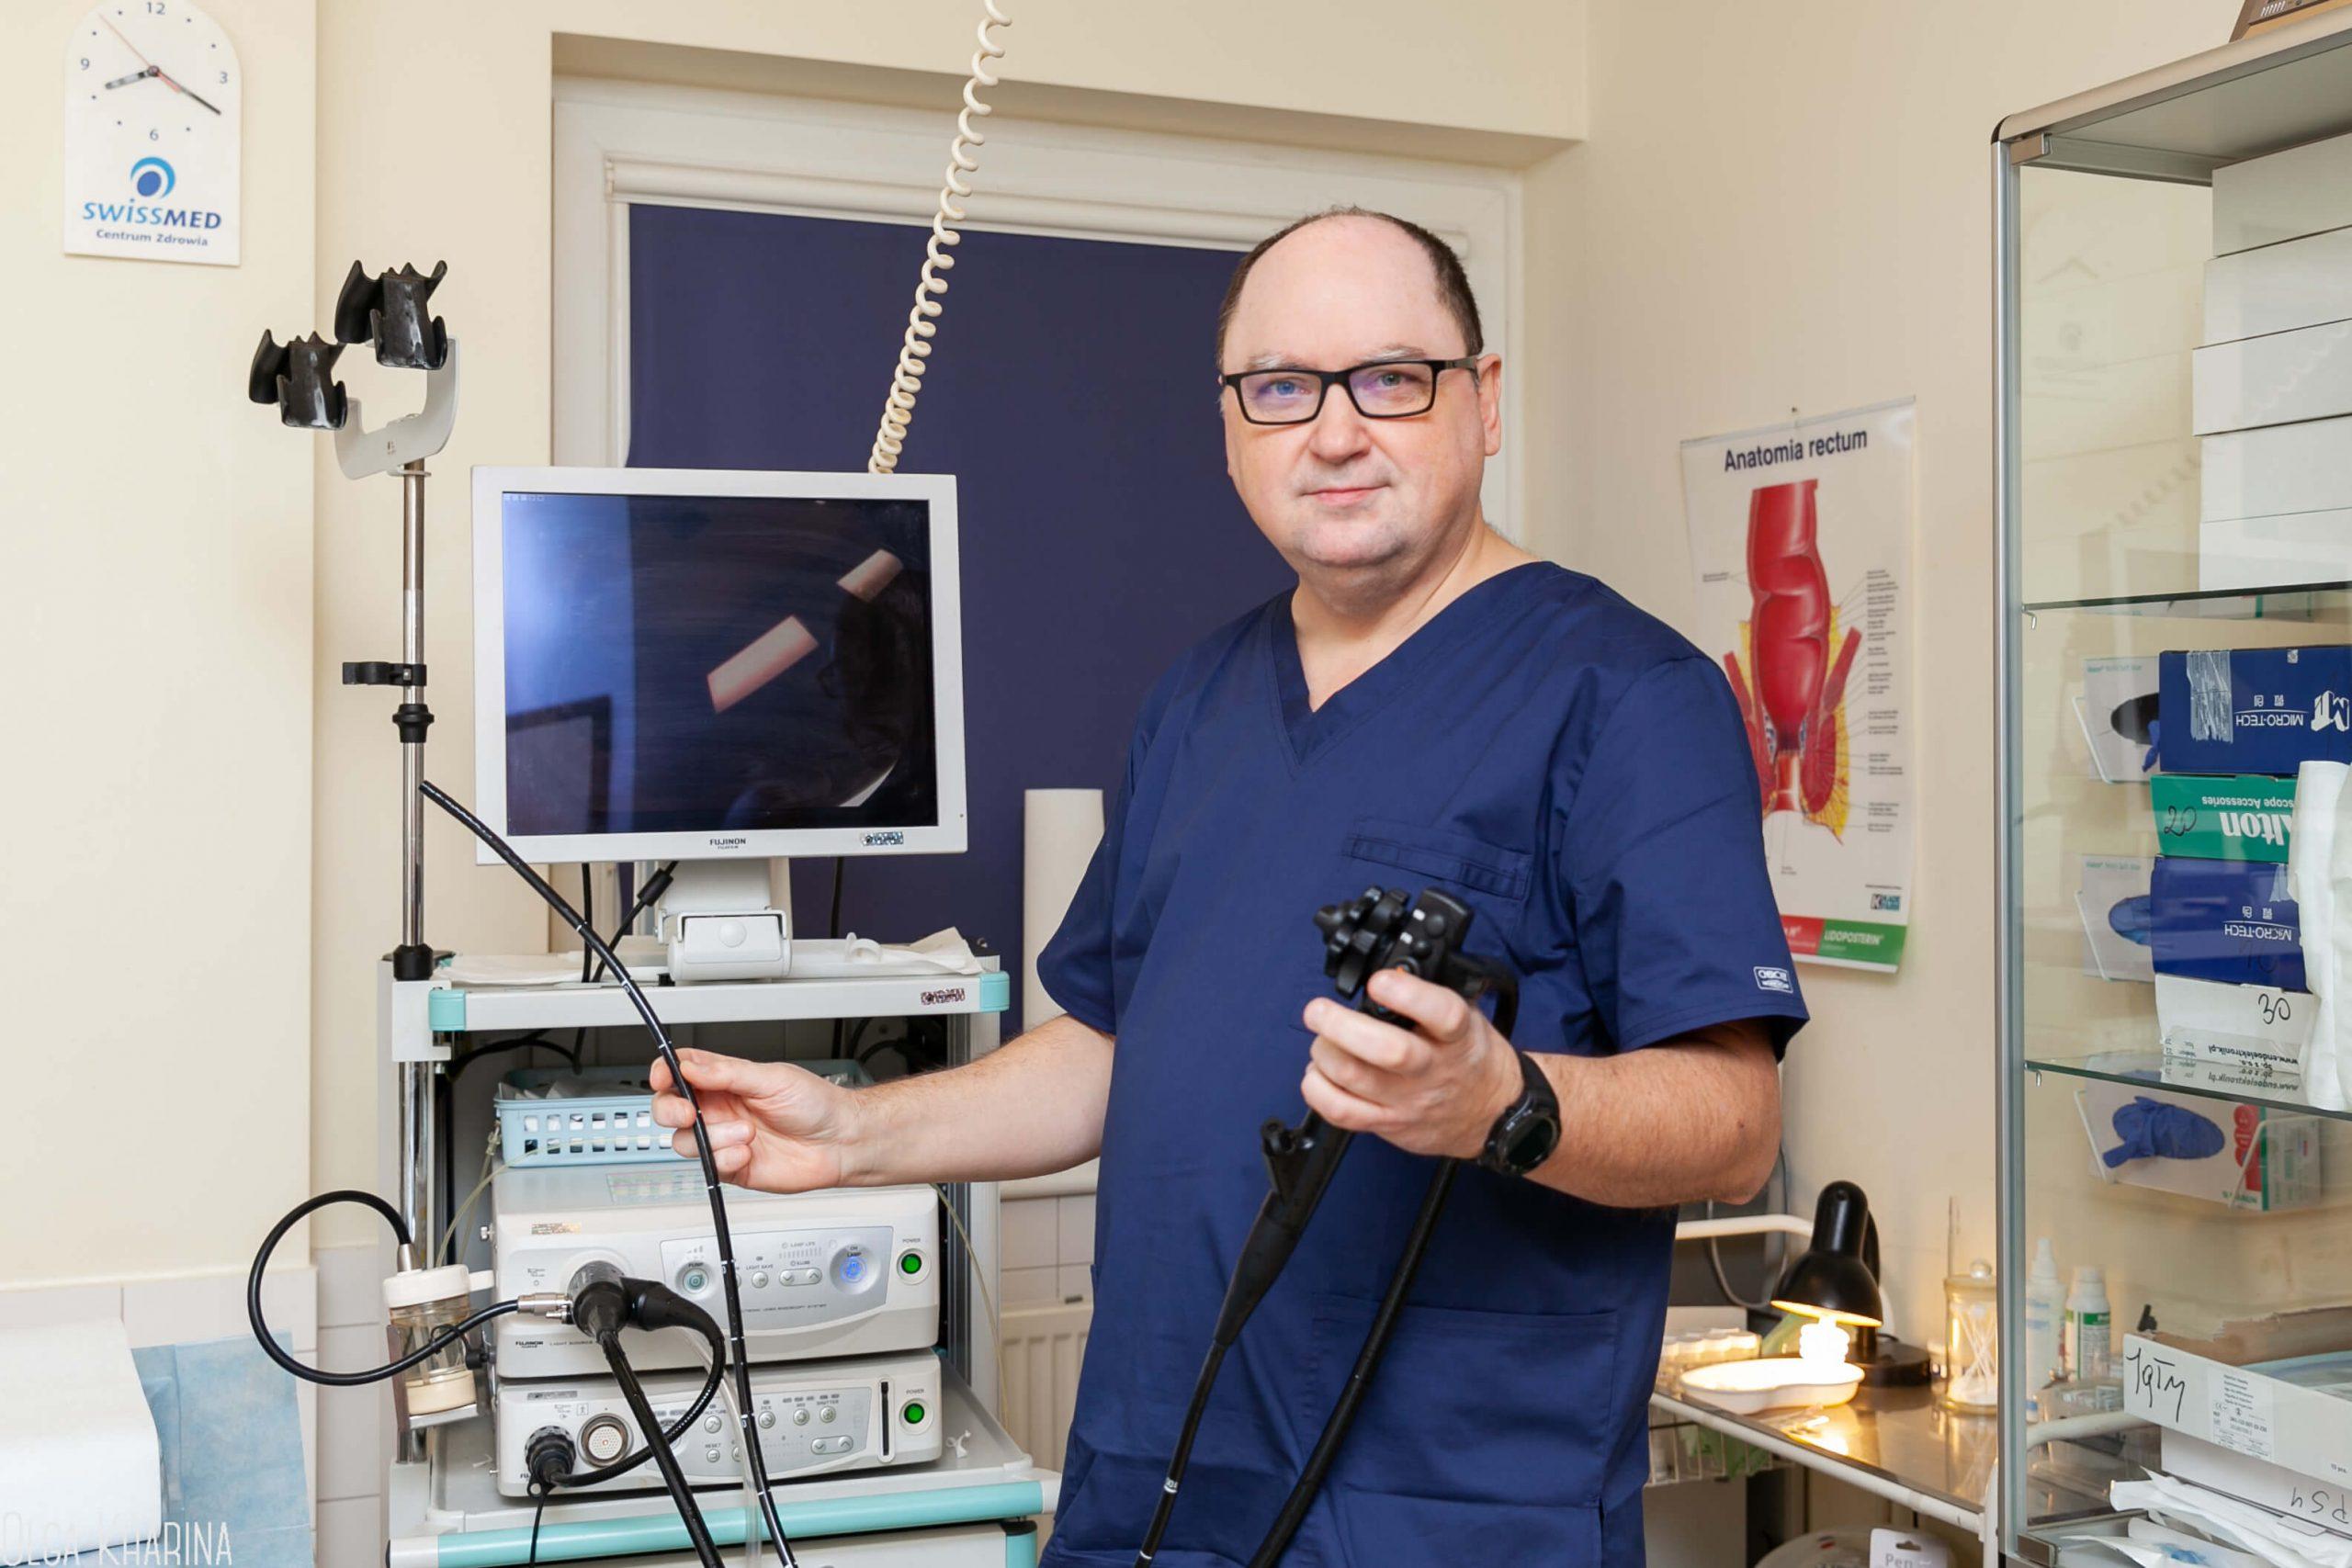 najwyższej klasy sprzęt medyczny w Swissmed